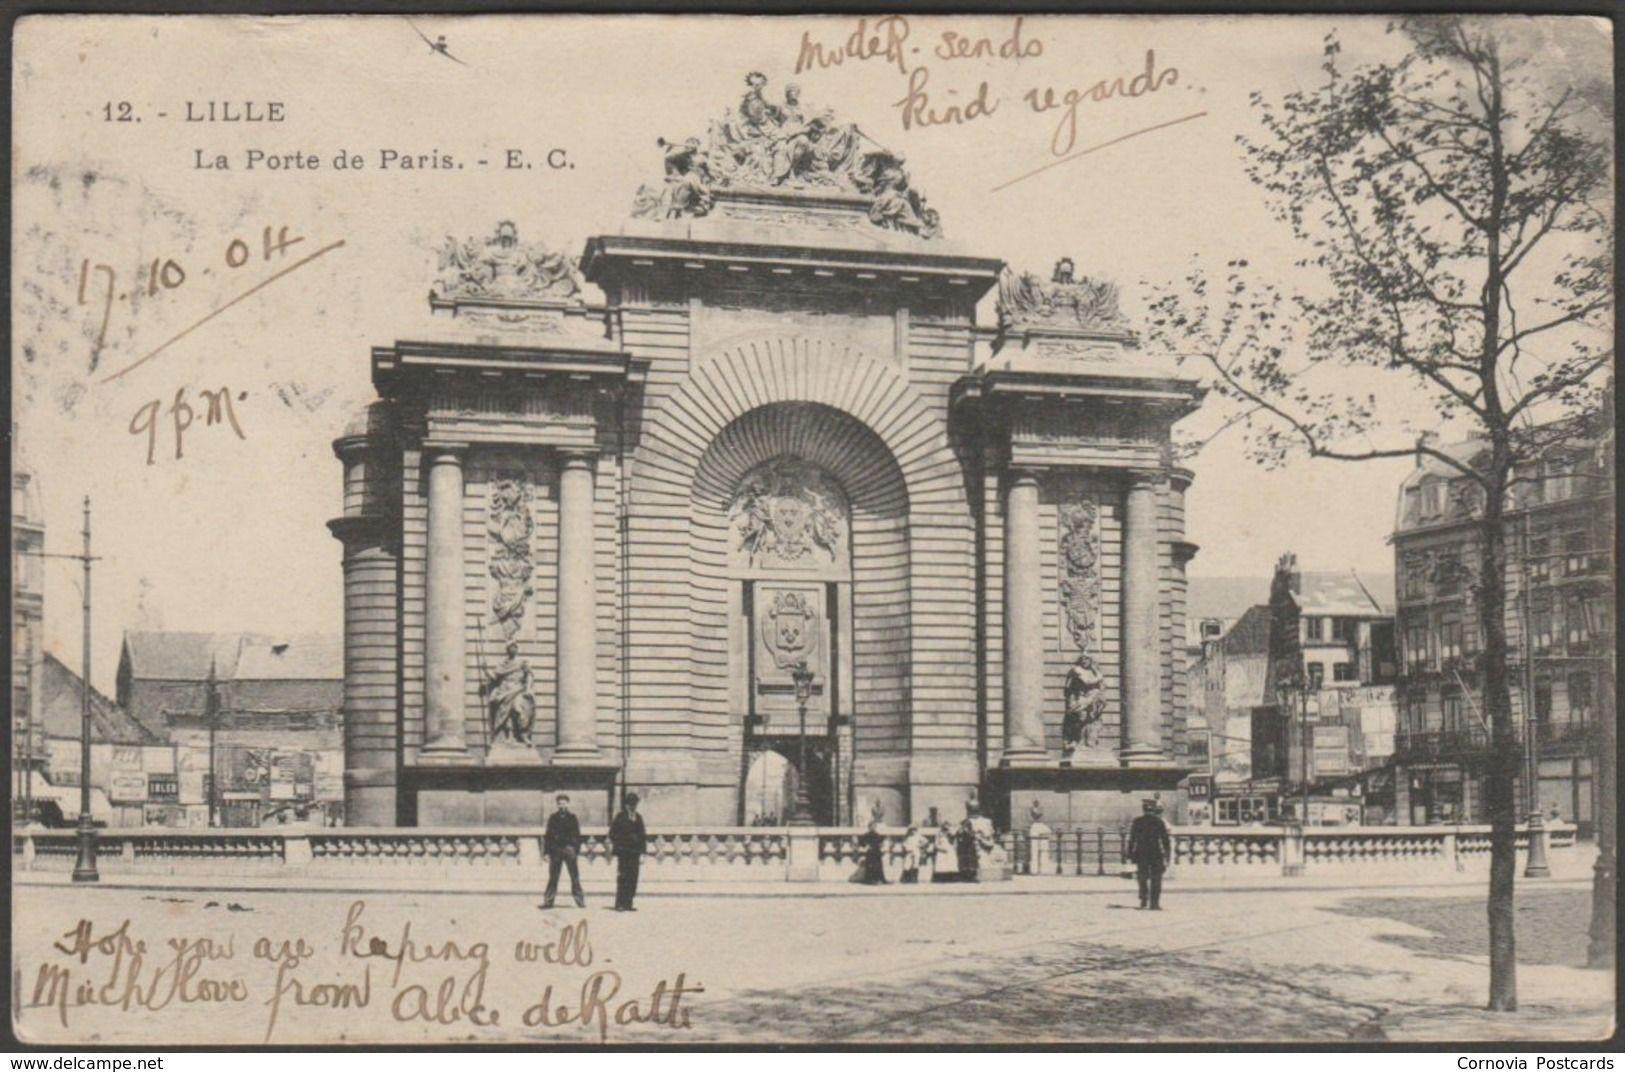 La Porte De Paris Lille 1904 Edmond Cailteux Cpa For Sale On Delcampe Postcards For Sale Postcard Paris